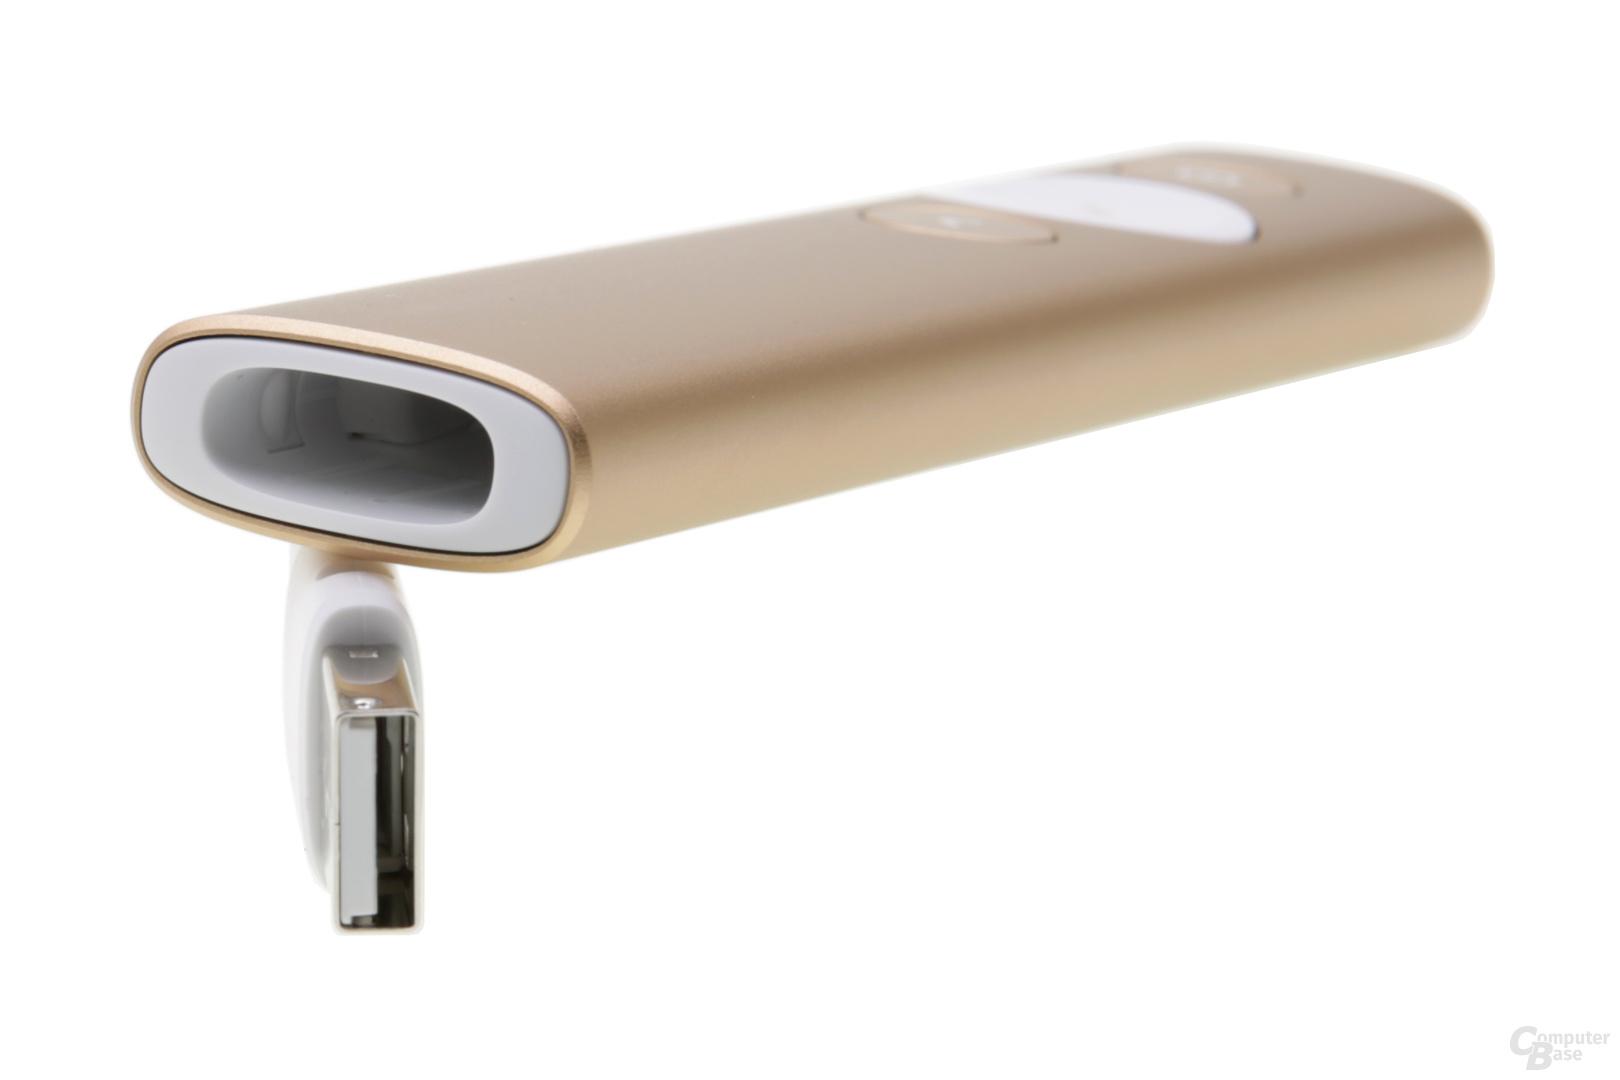 Der Bluetooth-Dongle findet Platz im Spotlight